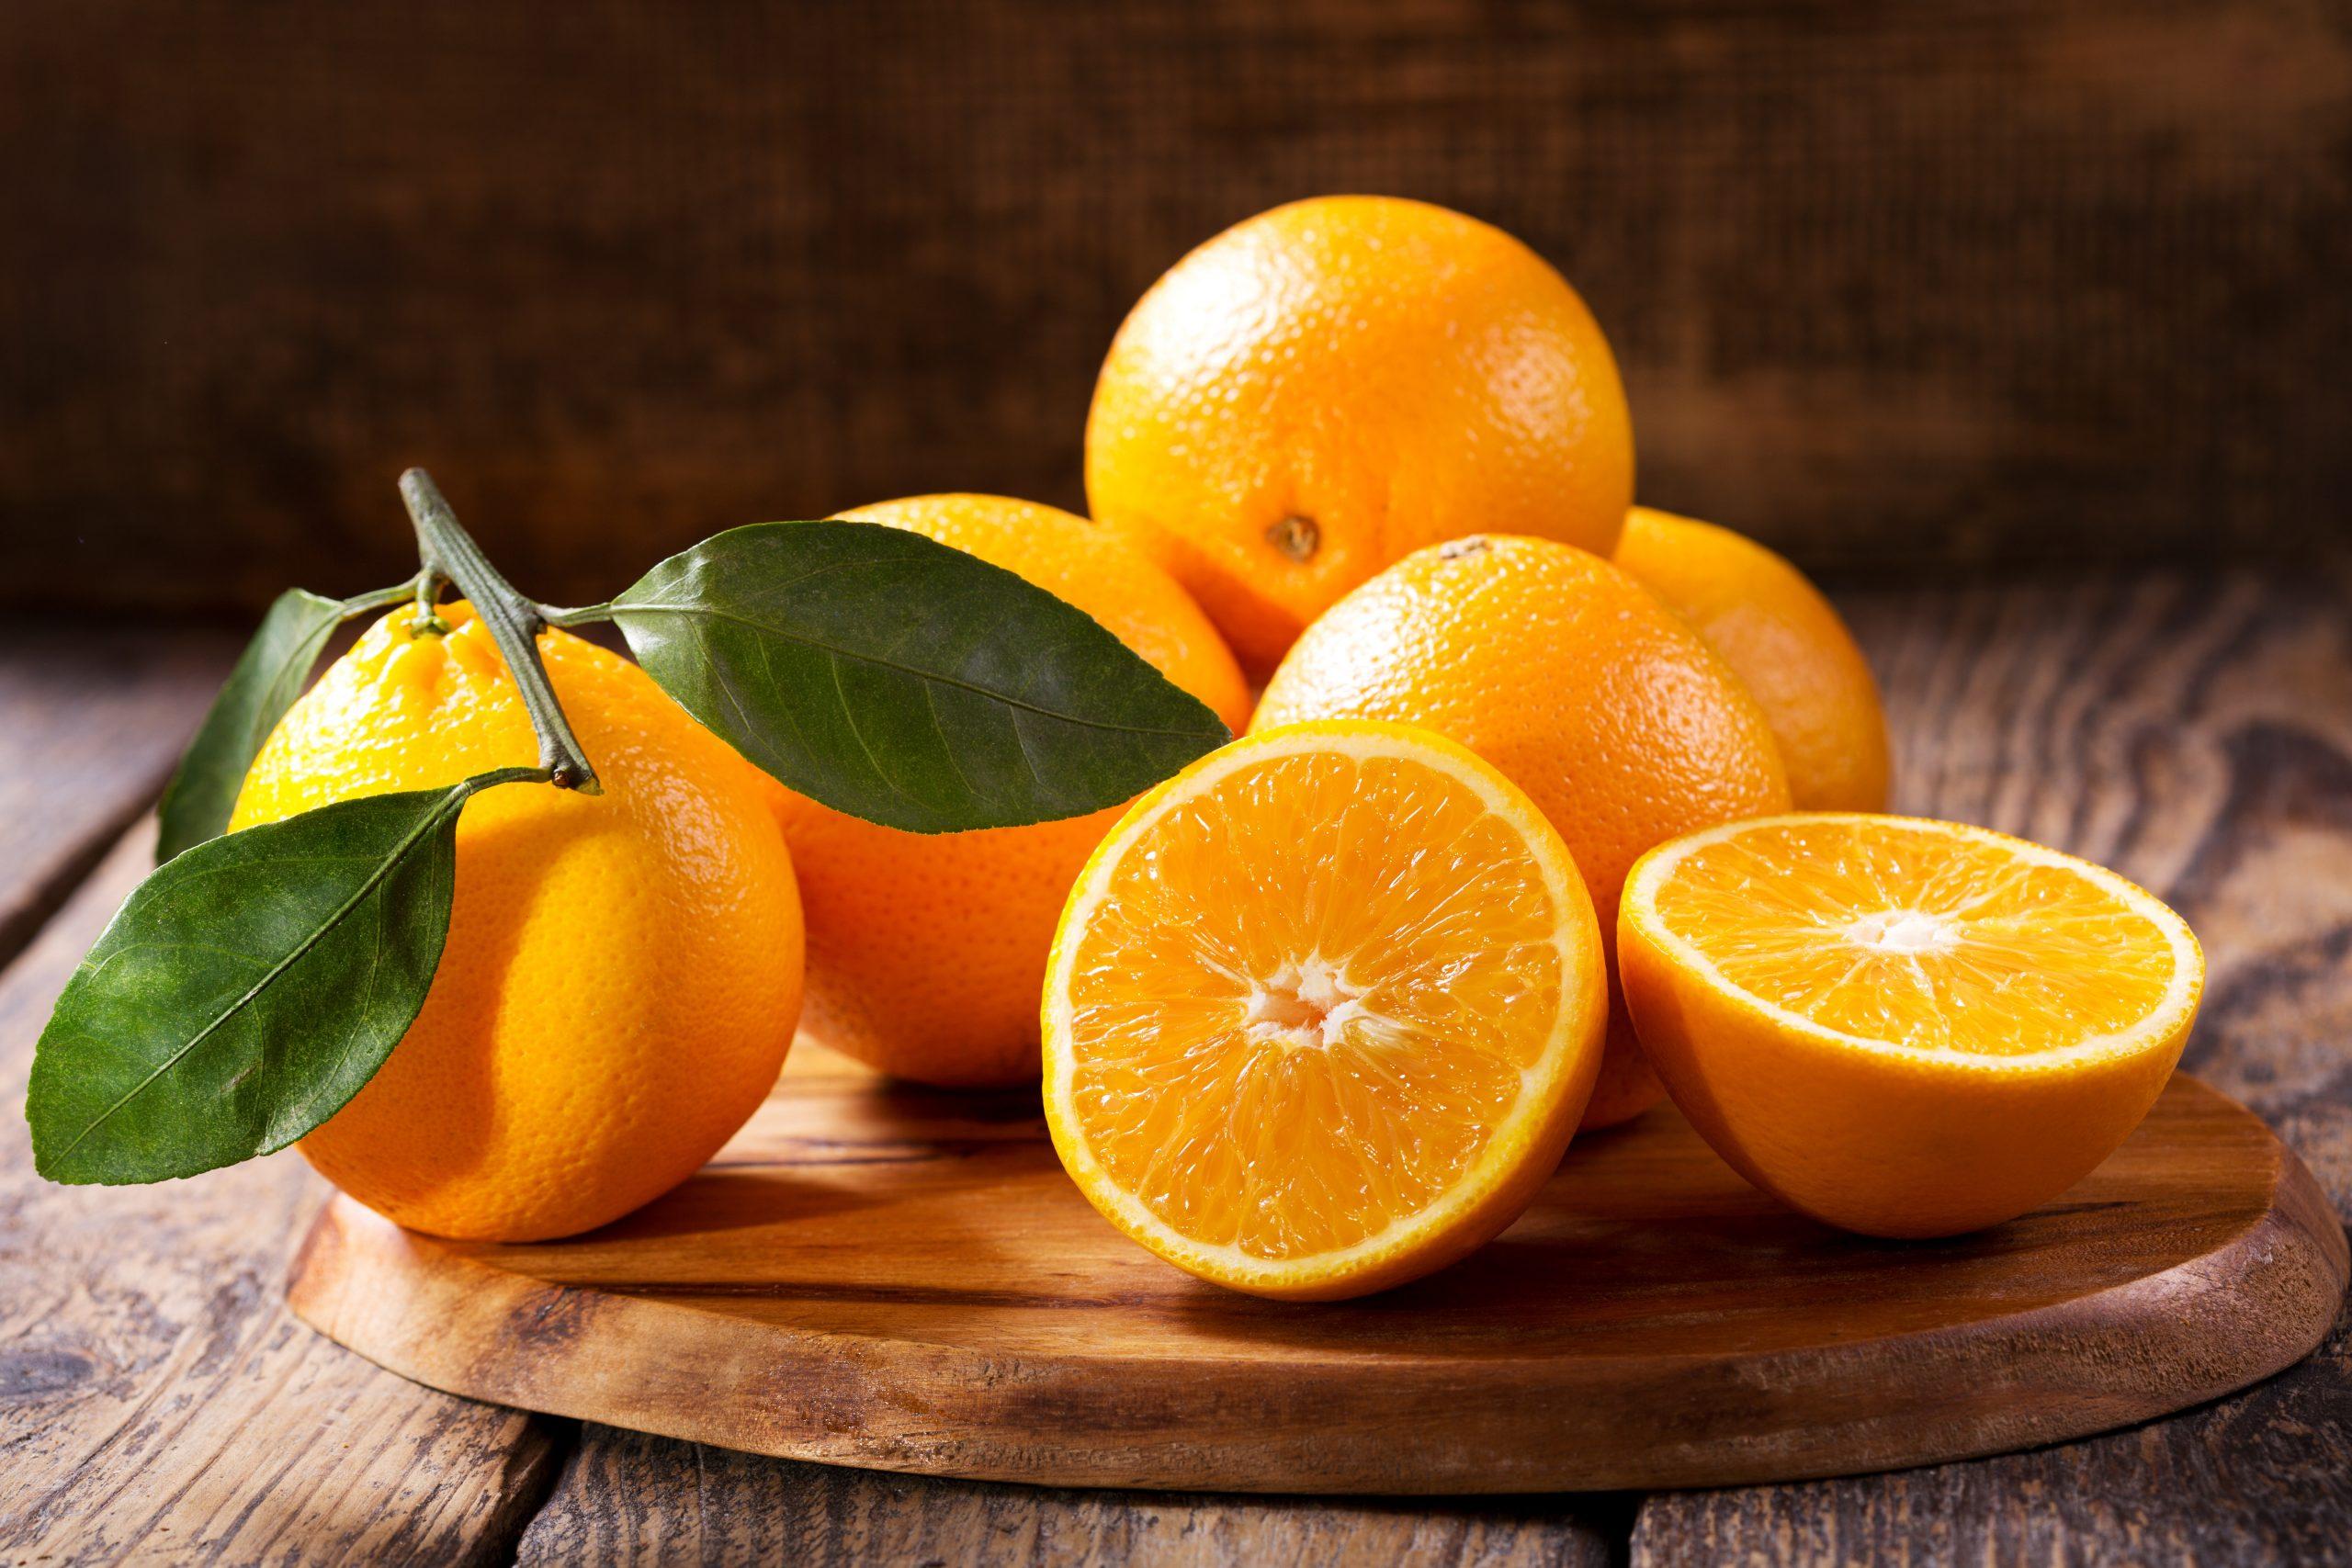 πορτοκαλια - πορτοκάλια